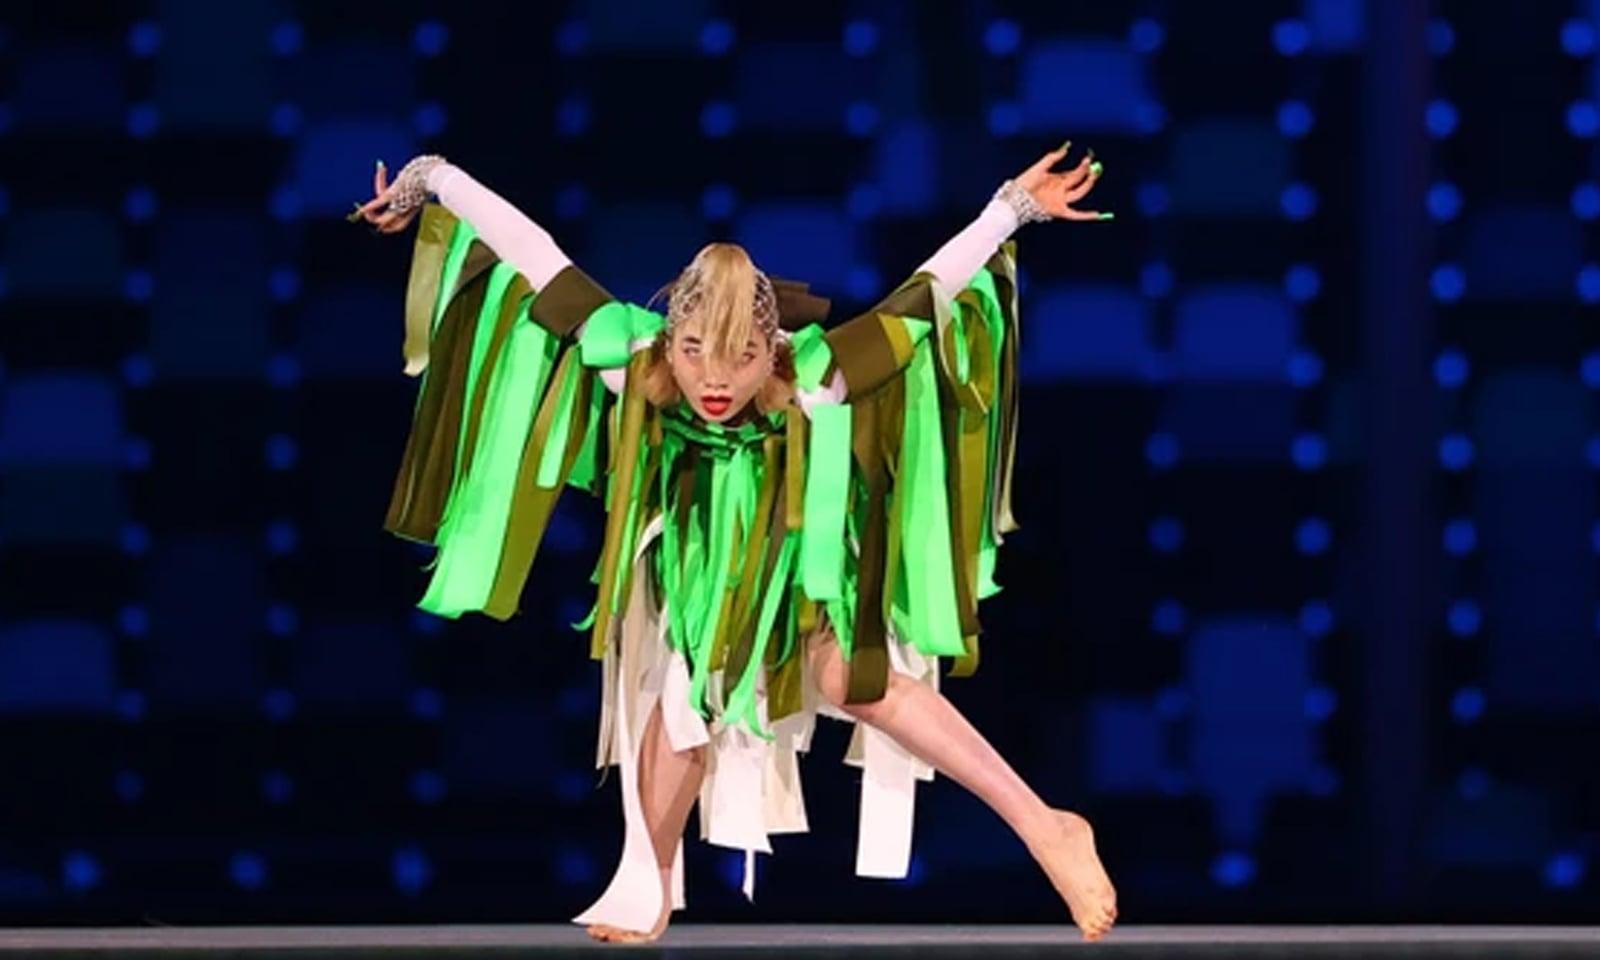 ٹوکیو میں اولمپکس 2020 کے اختتام کی رنگارنگ تقریب منعقد ہوئی—فوٹو:رائٹرز